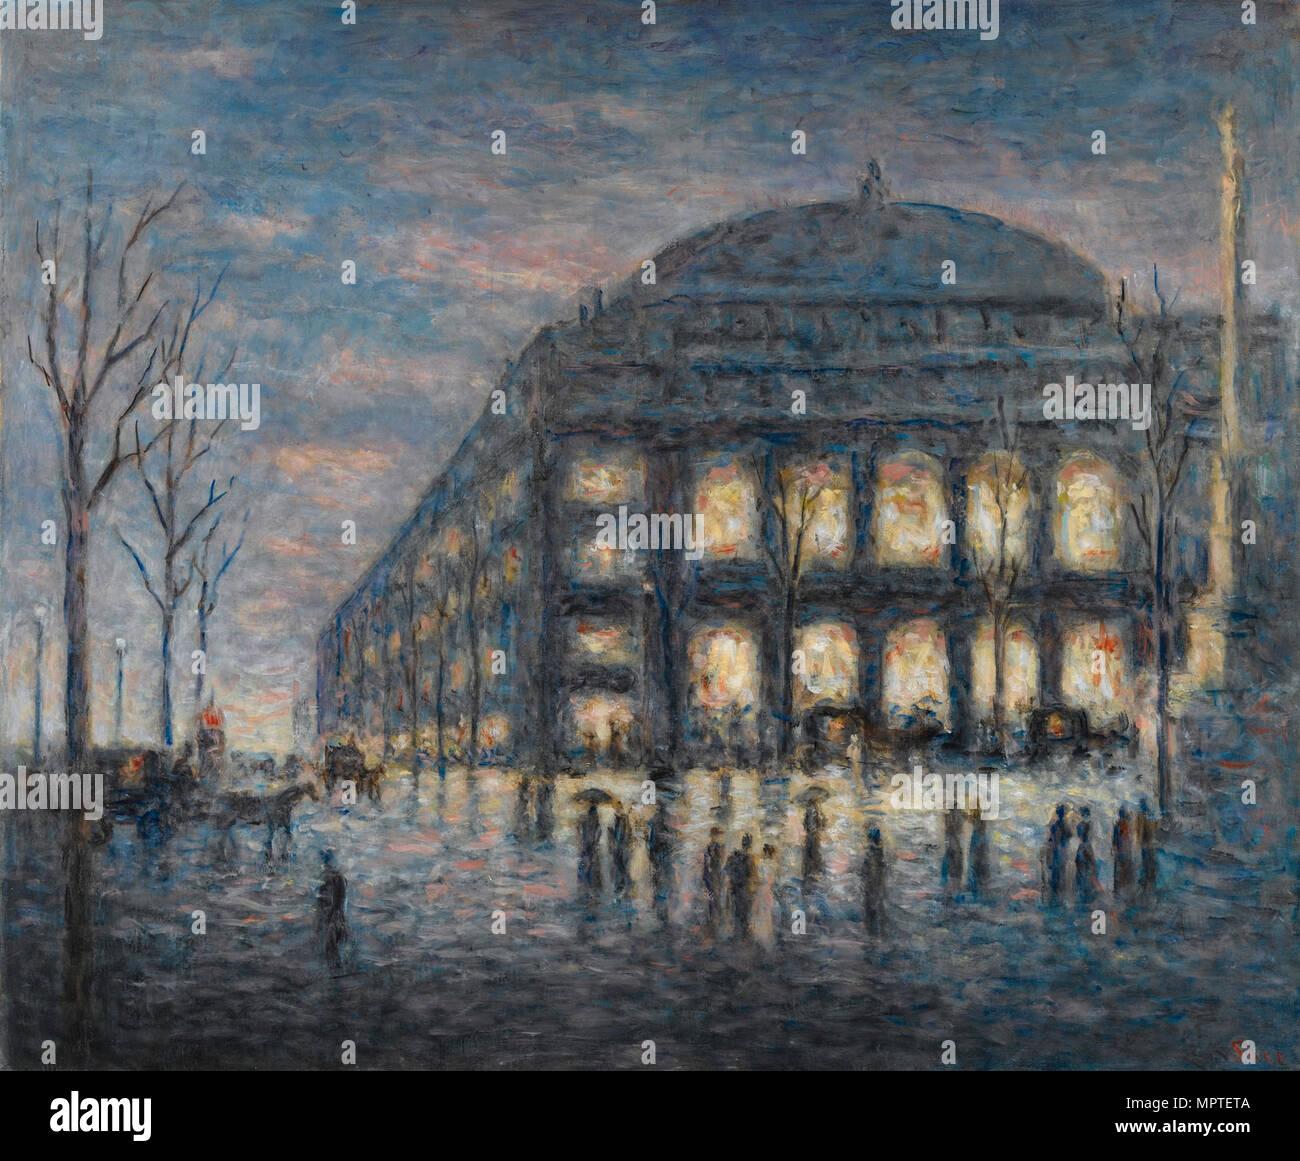 The Place du Châtelet in Paris, c. 1900. - Stock Image